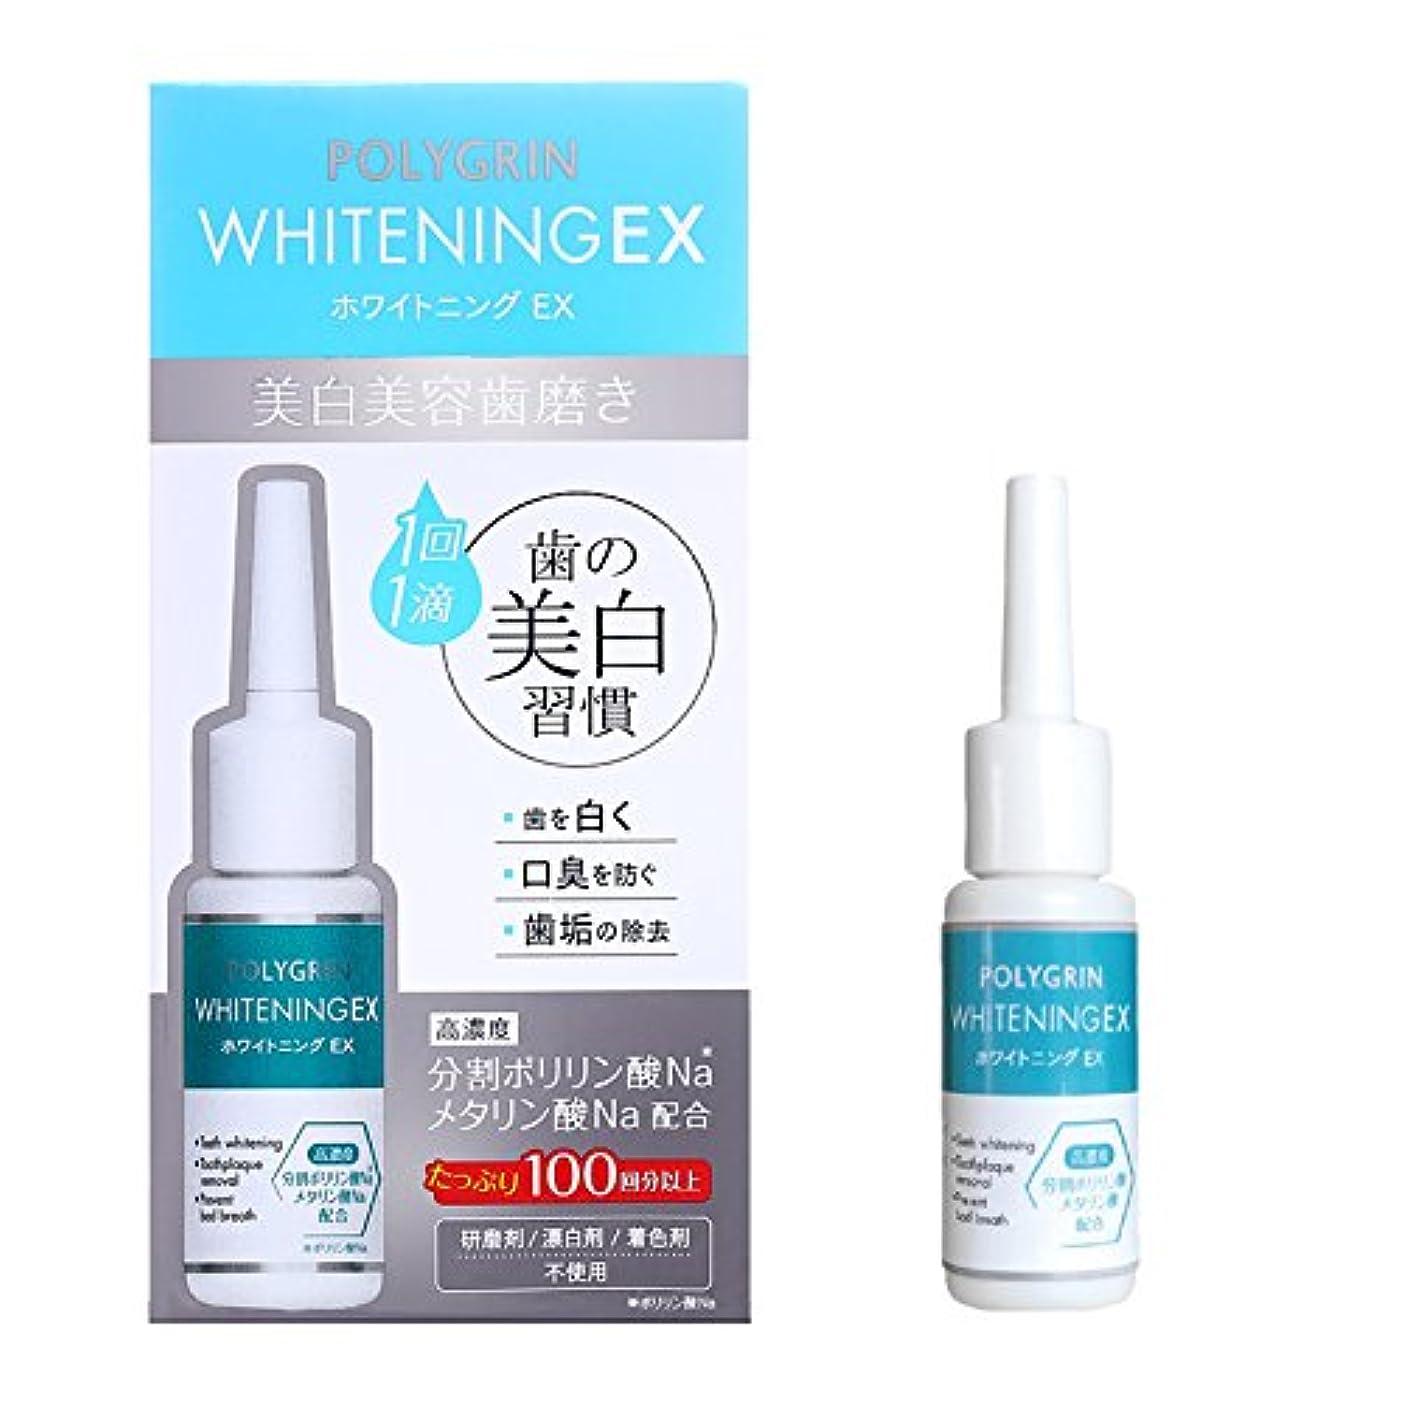 チップエアコン楽しませるポリグリン(POLYGRIN) ホワイトニングEX 10ml